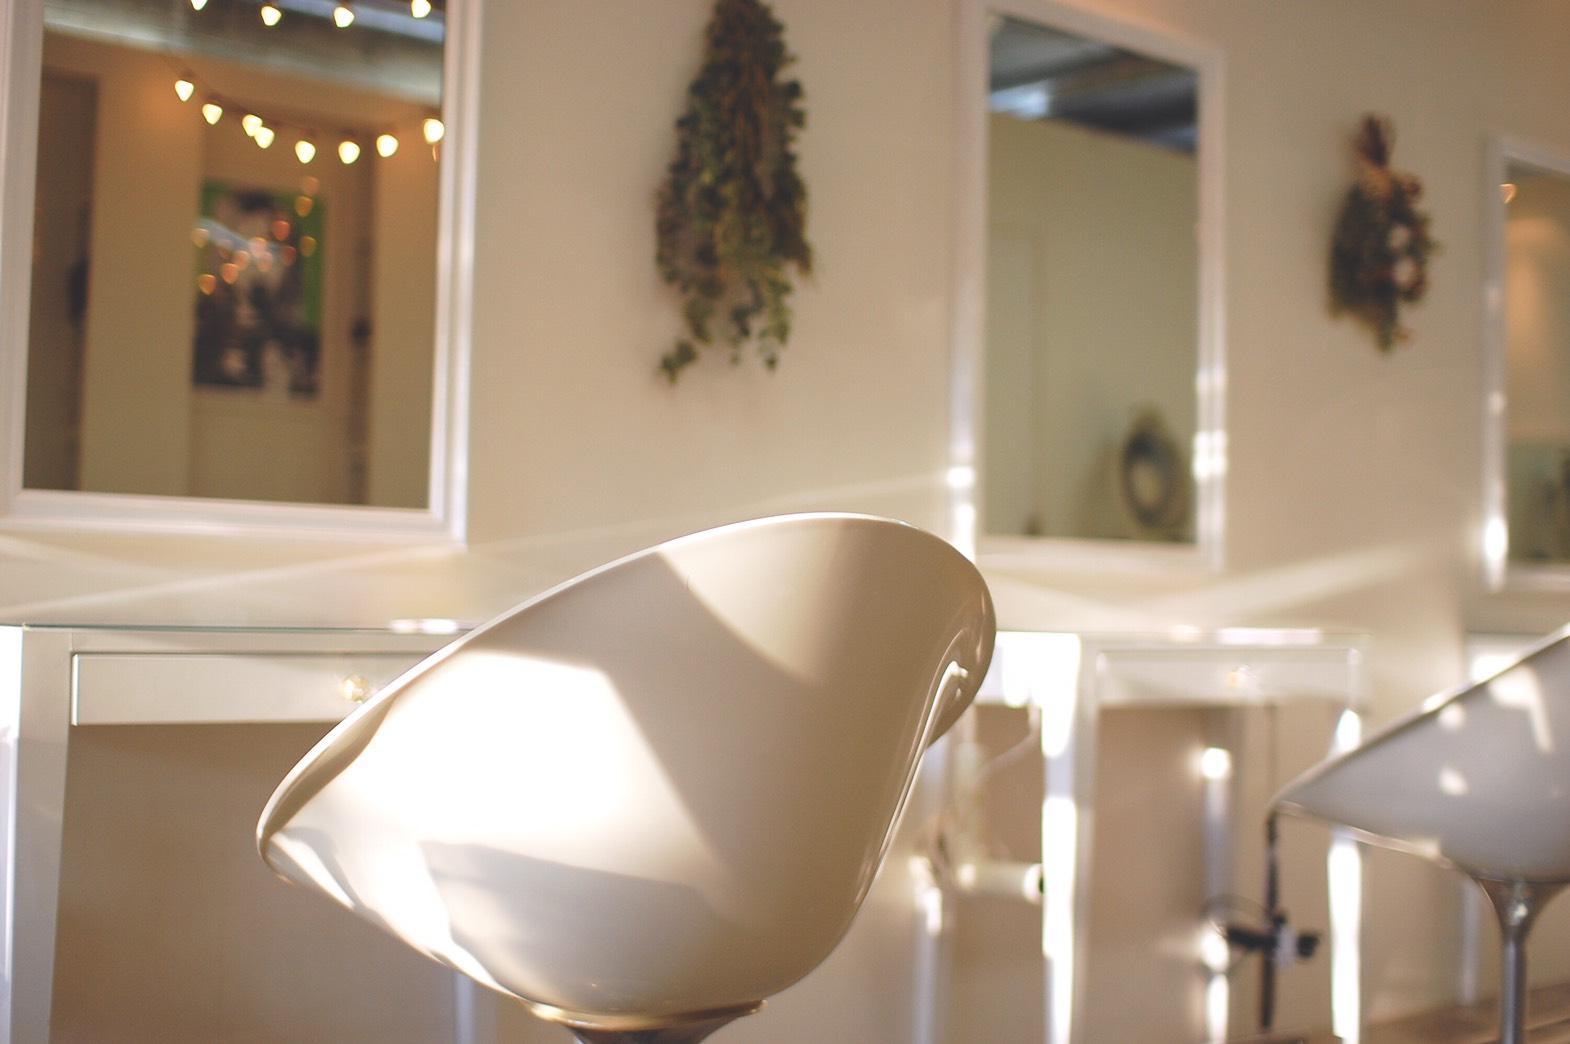 FOLKの内装です。白で統一した明るくて清潔な空間です。